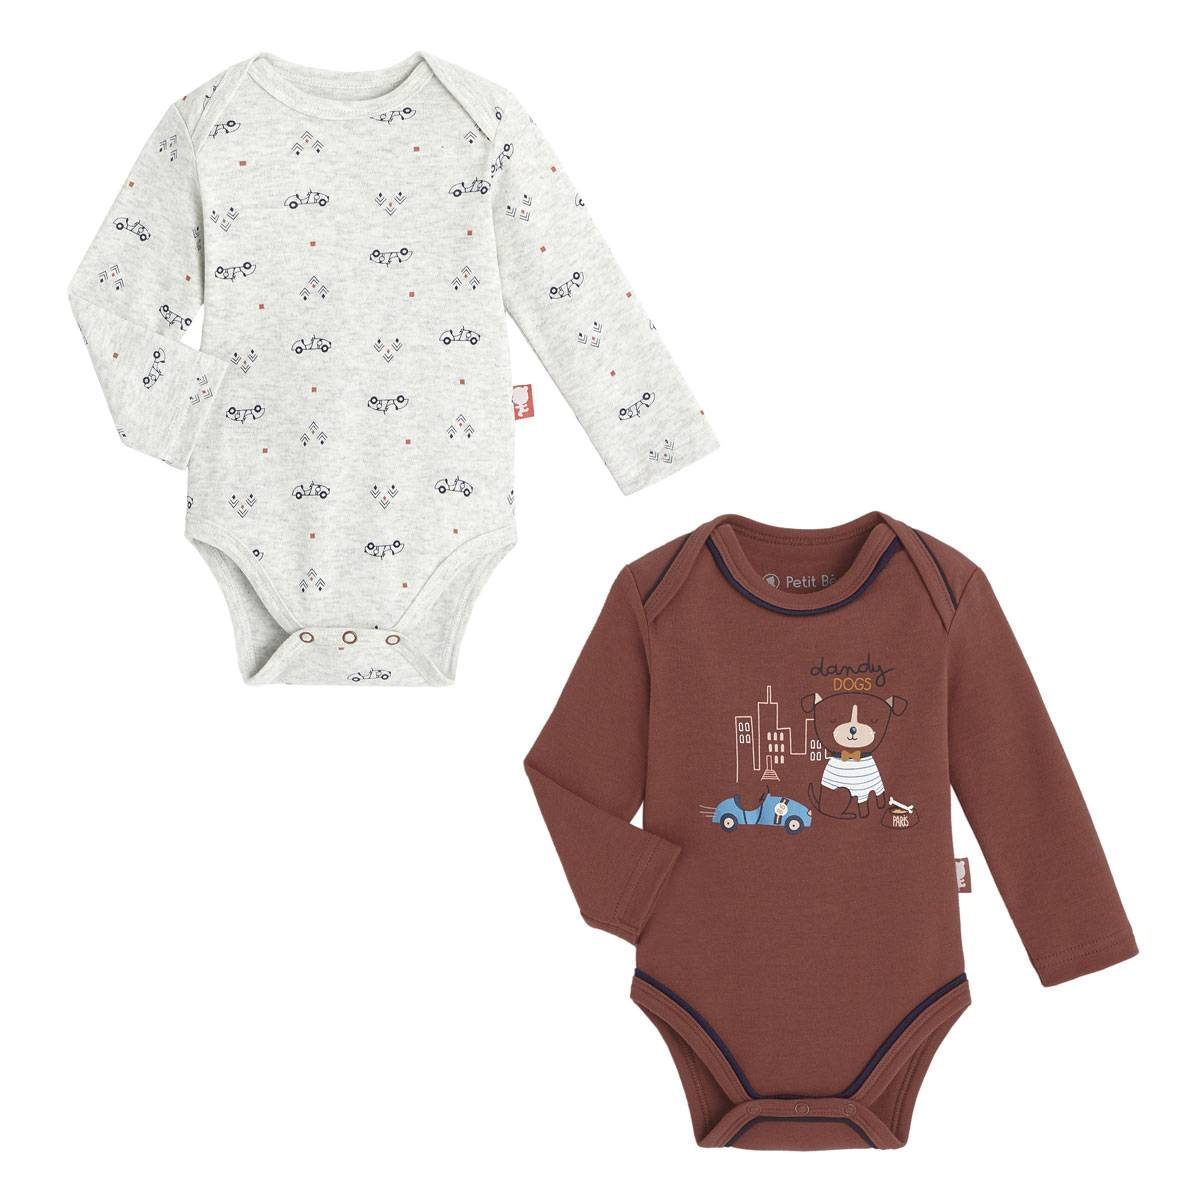 Petit Béguin Lot de 2 bodies bébé garçon manches longues Dandy Dog - Taille - 18 mois